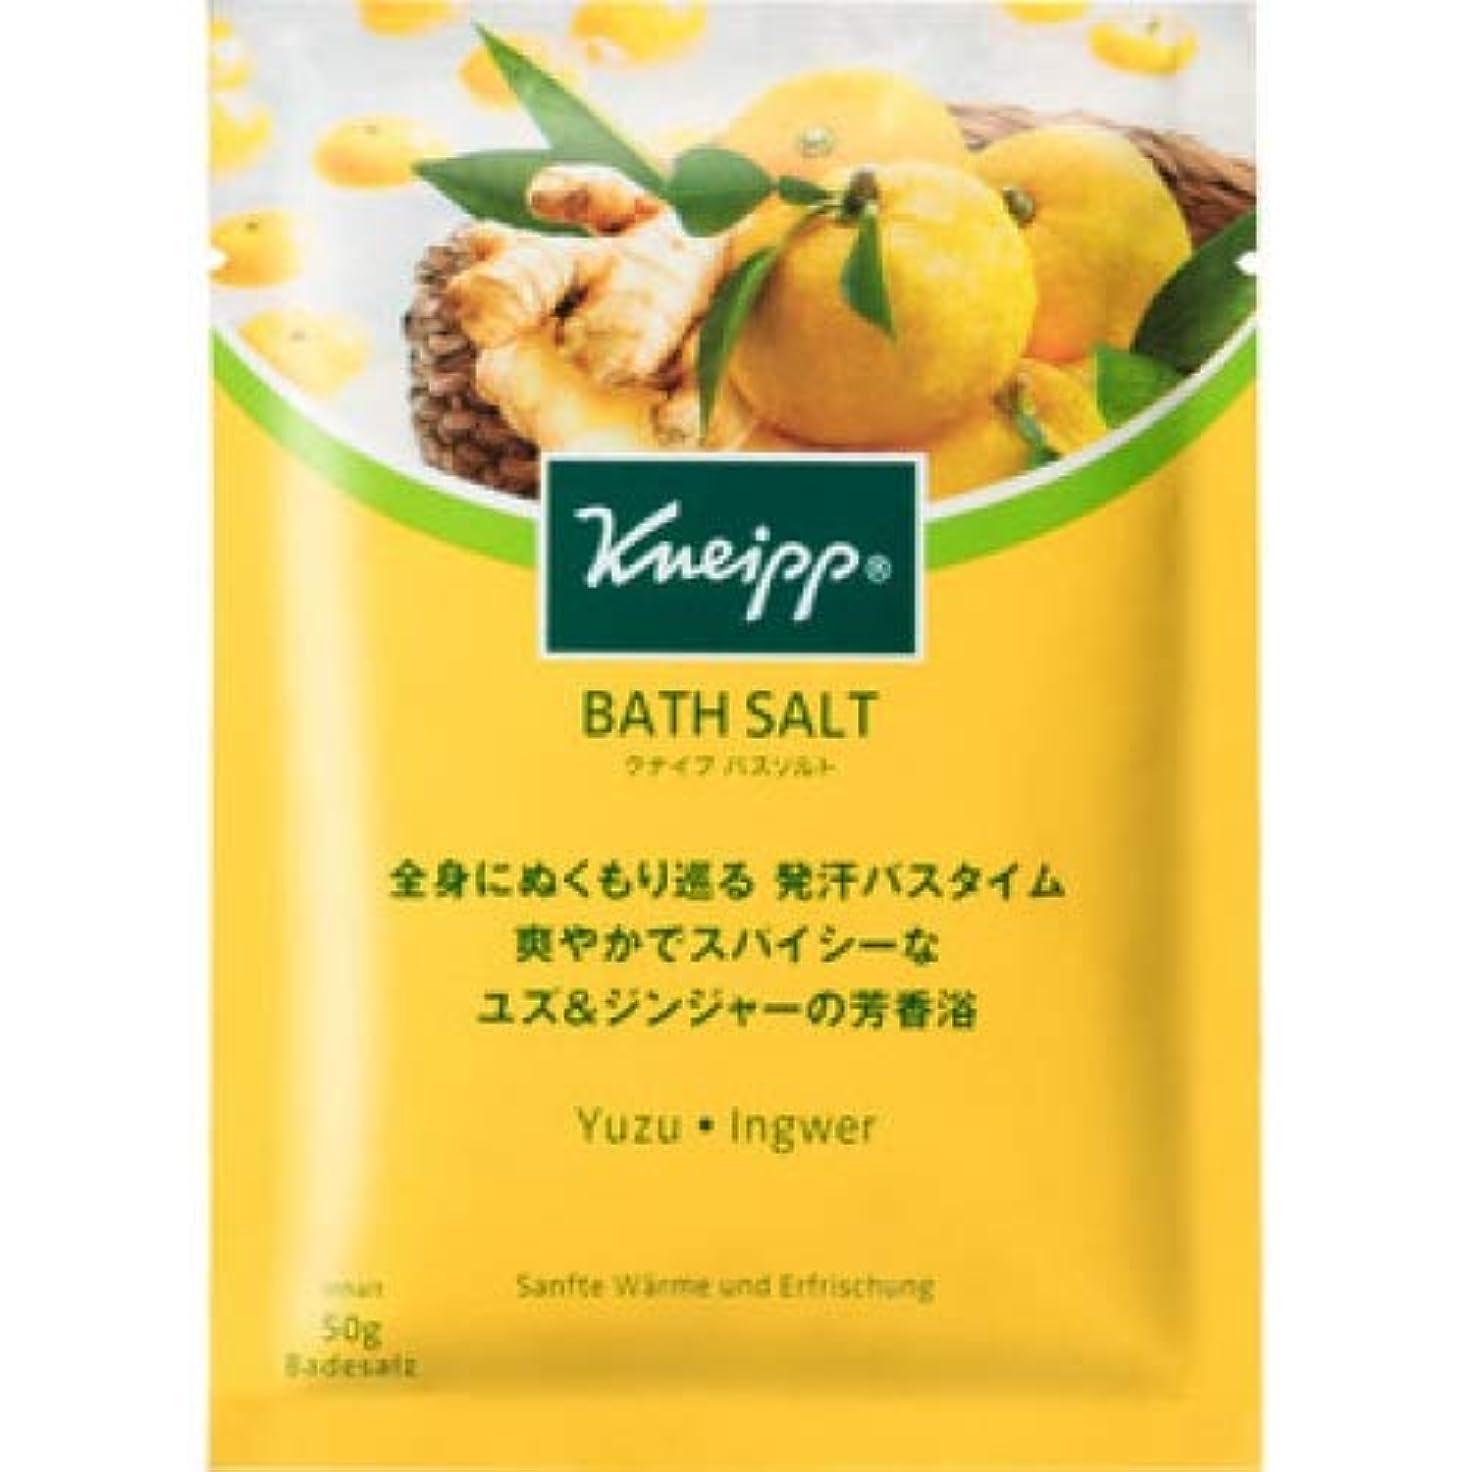 イヤホン天使歯痛ドイツ製バスソルト KNEIPP クナイプ バスソルト ユズ&ジンジャーの香り (50g) 入浴剤